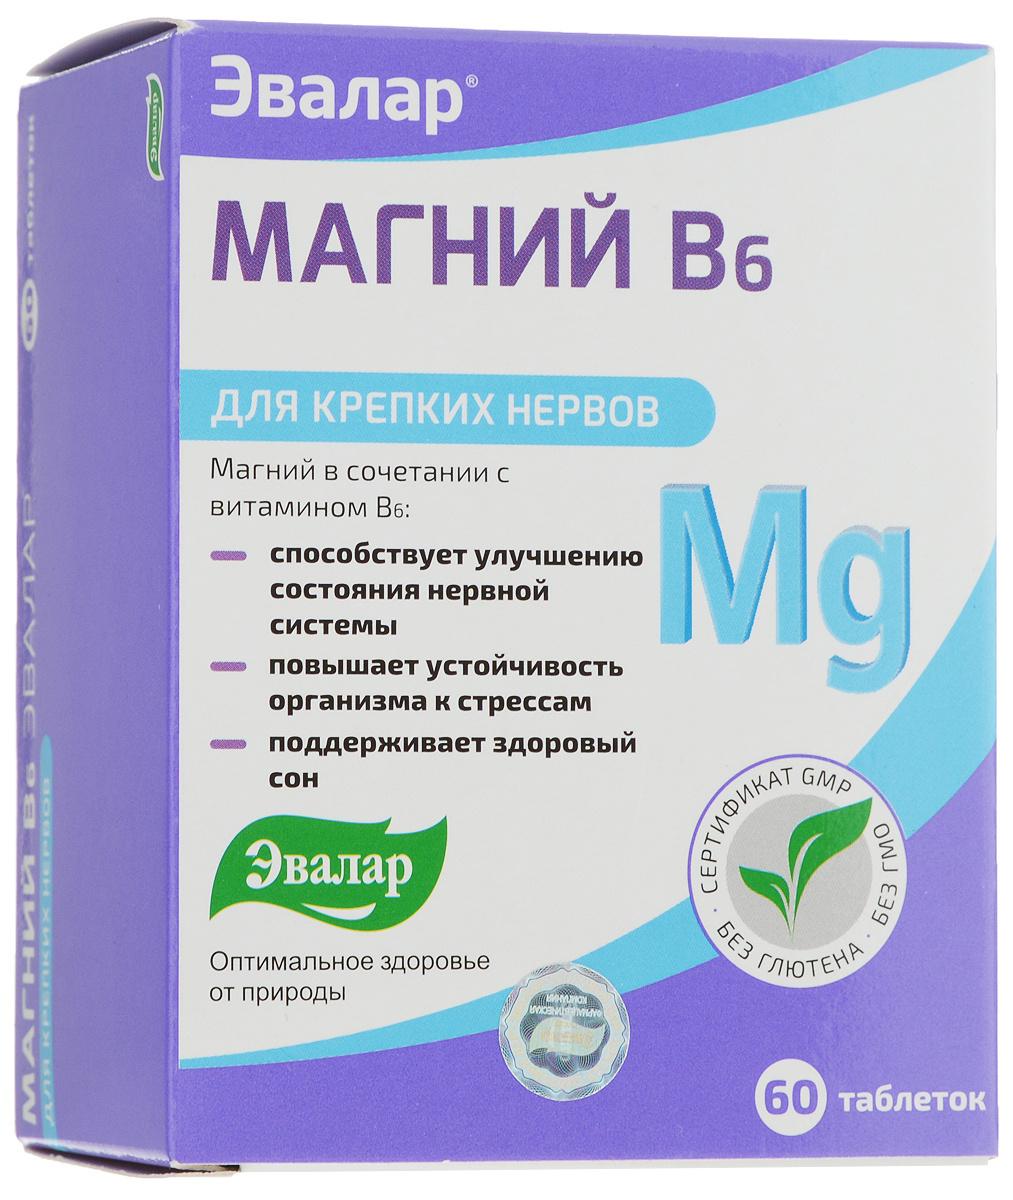 """Магний В6 """"Эвалар"""", для крепких нервов, 60 таблеток #1"""